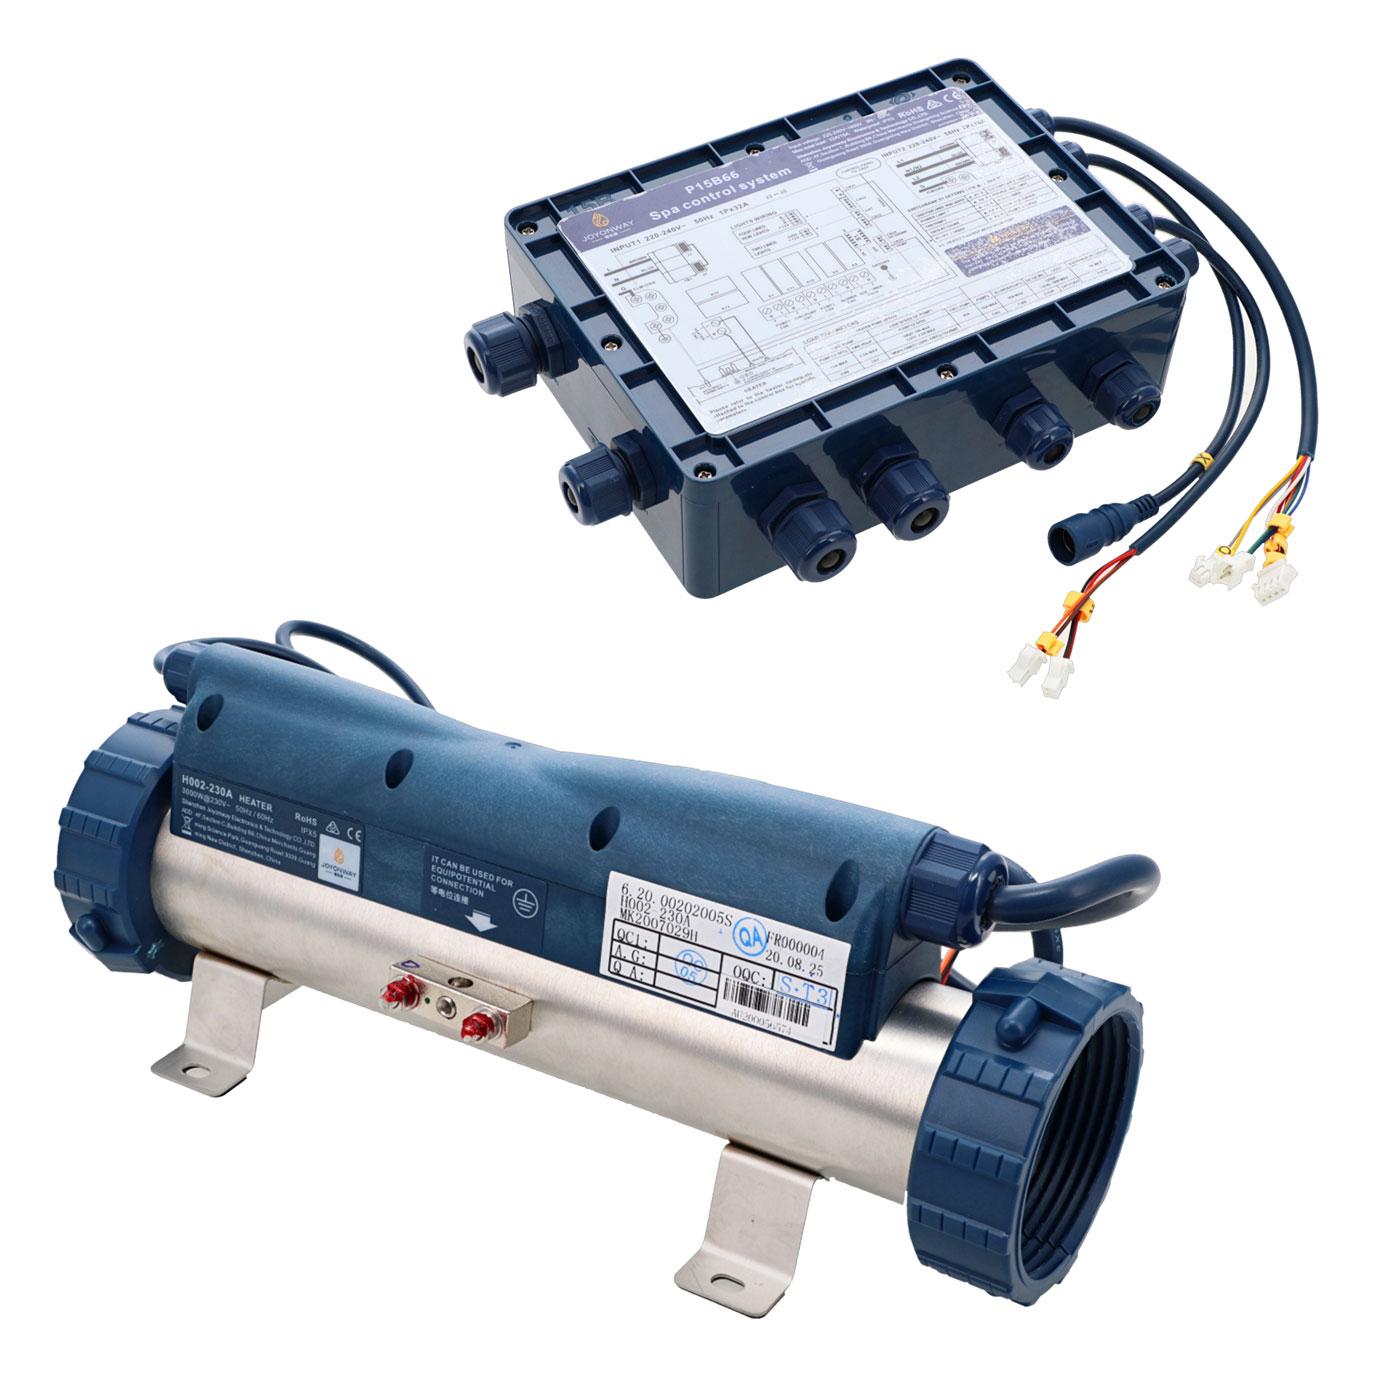 Boitier de contrôle P15B66 avec réchauffeur pour spa